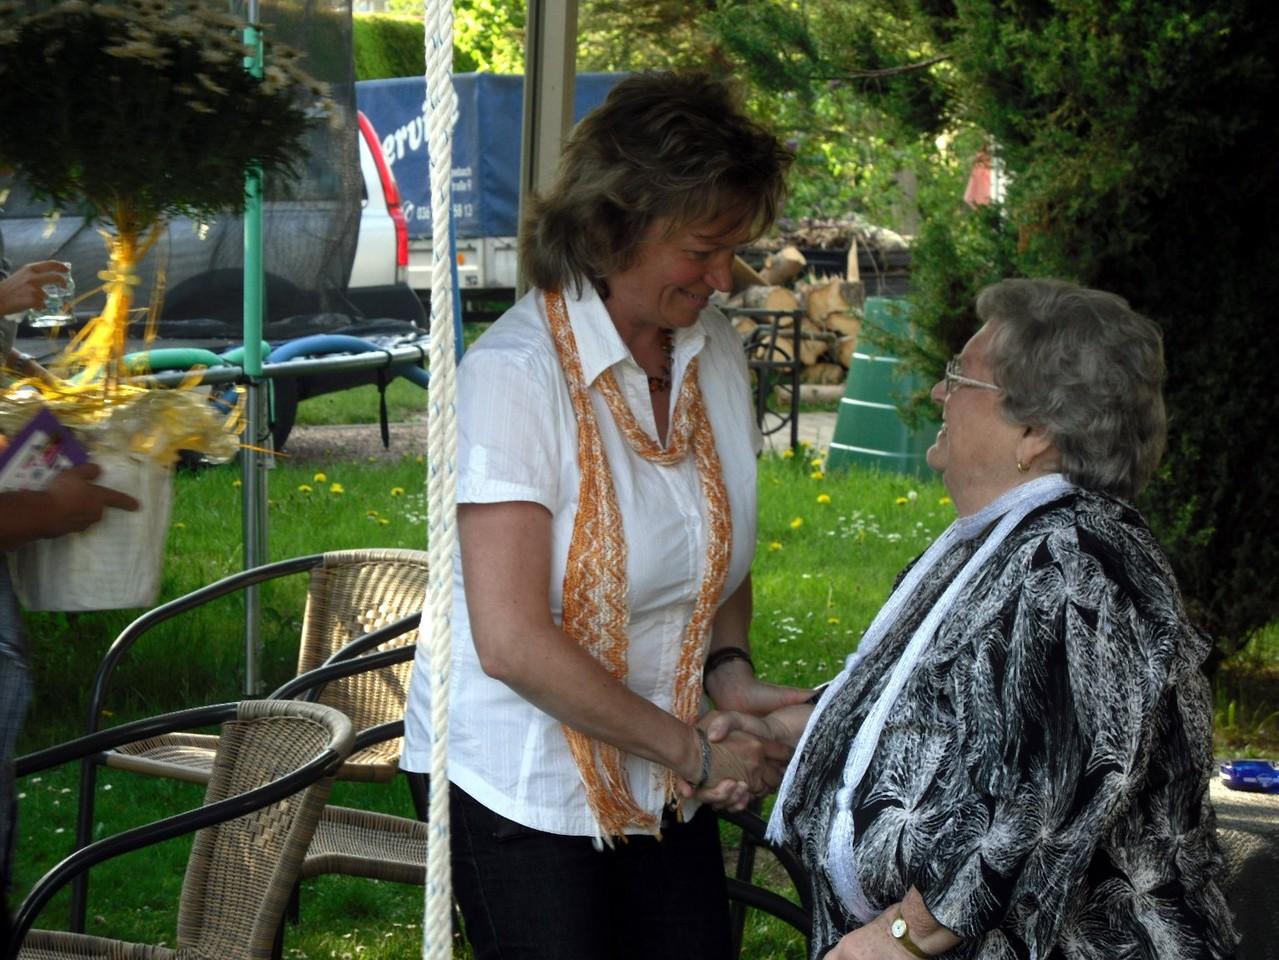 In Gedenken an unsere Gitti- sie hatte zwei Tage vor Marion Geburtstag